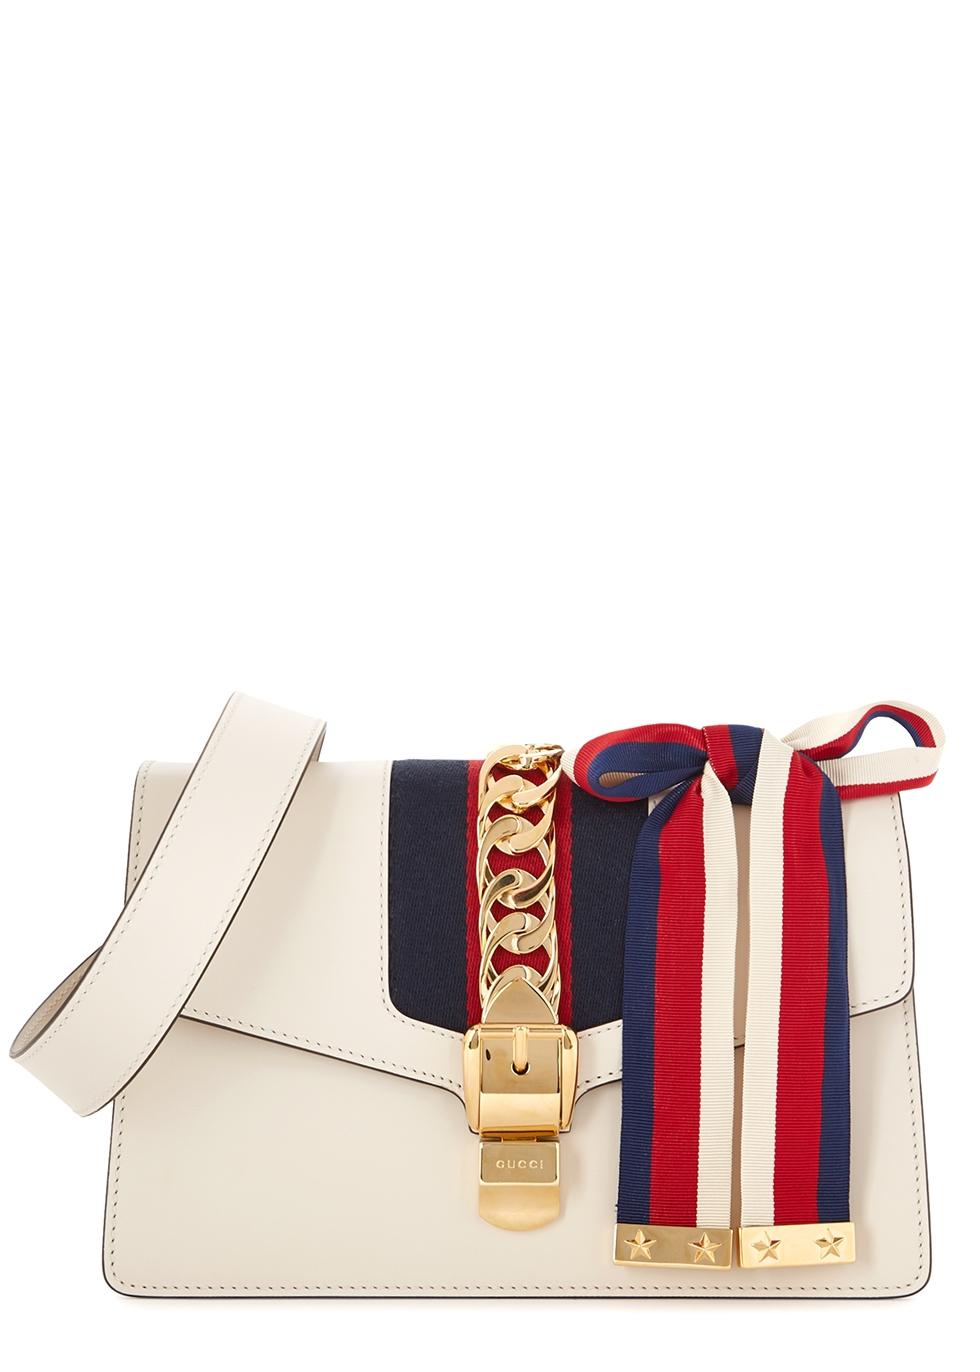 273429f3620 Gucci - Designer Clothes - Harvey Nichols